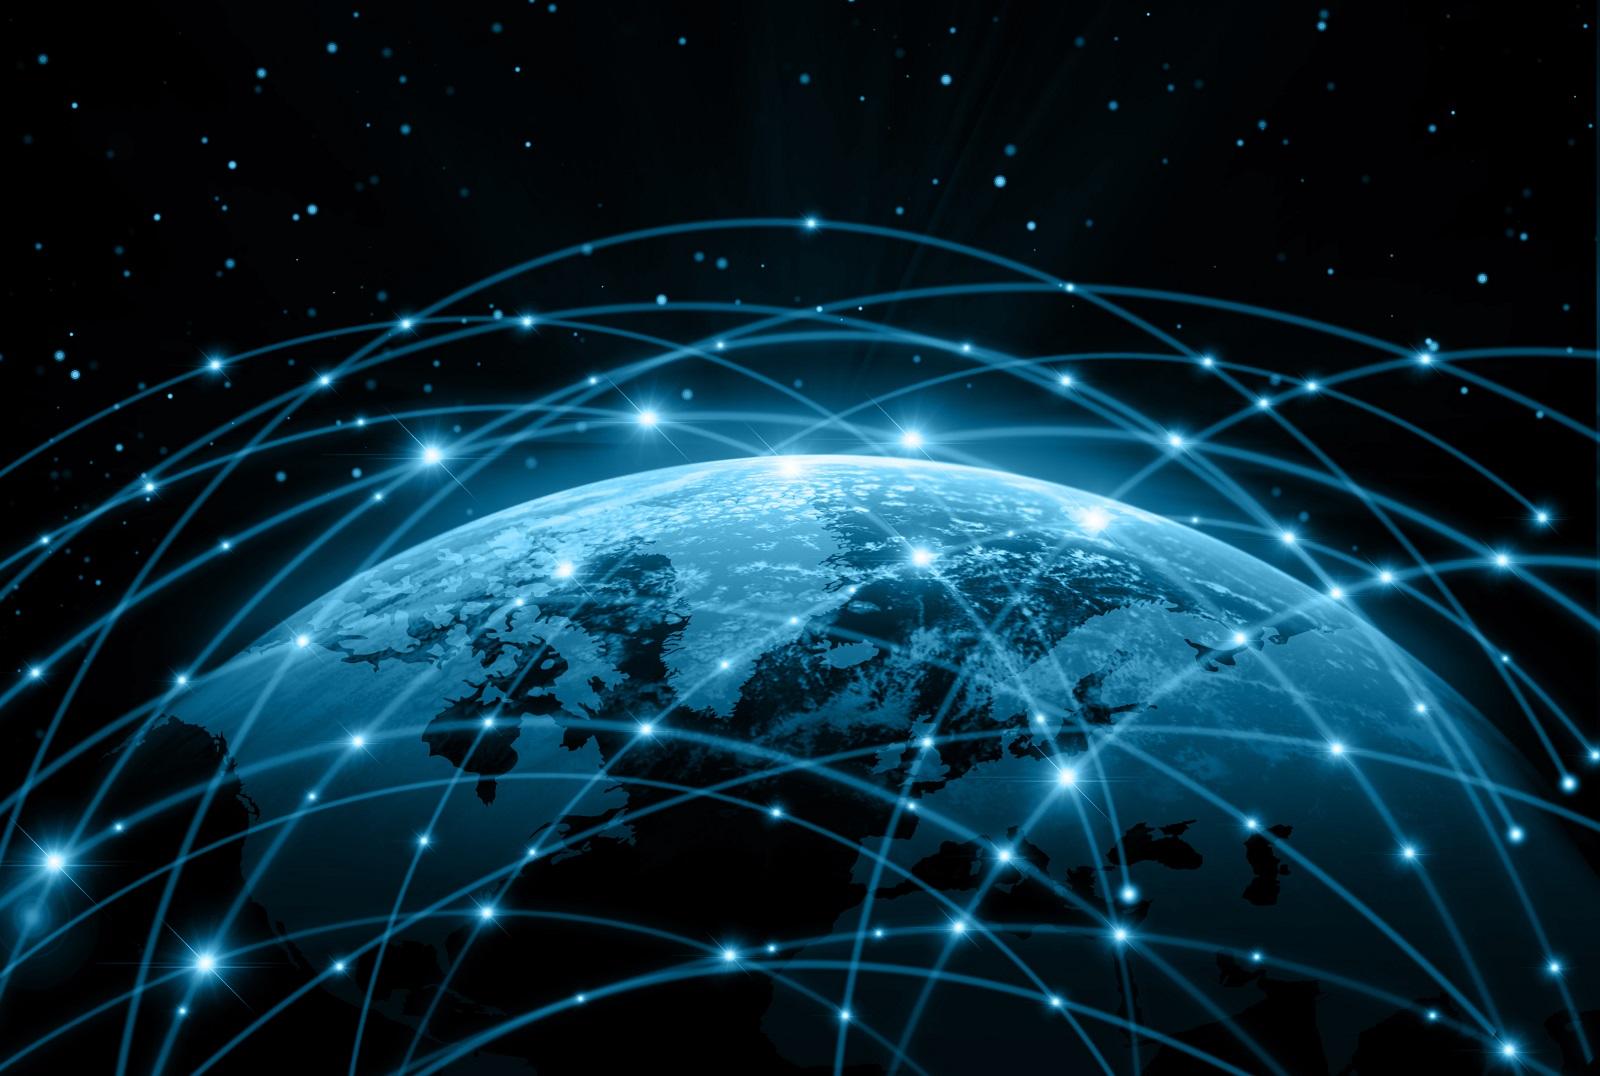 ccs2020 globe-net